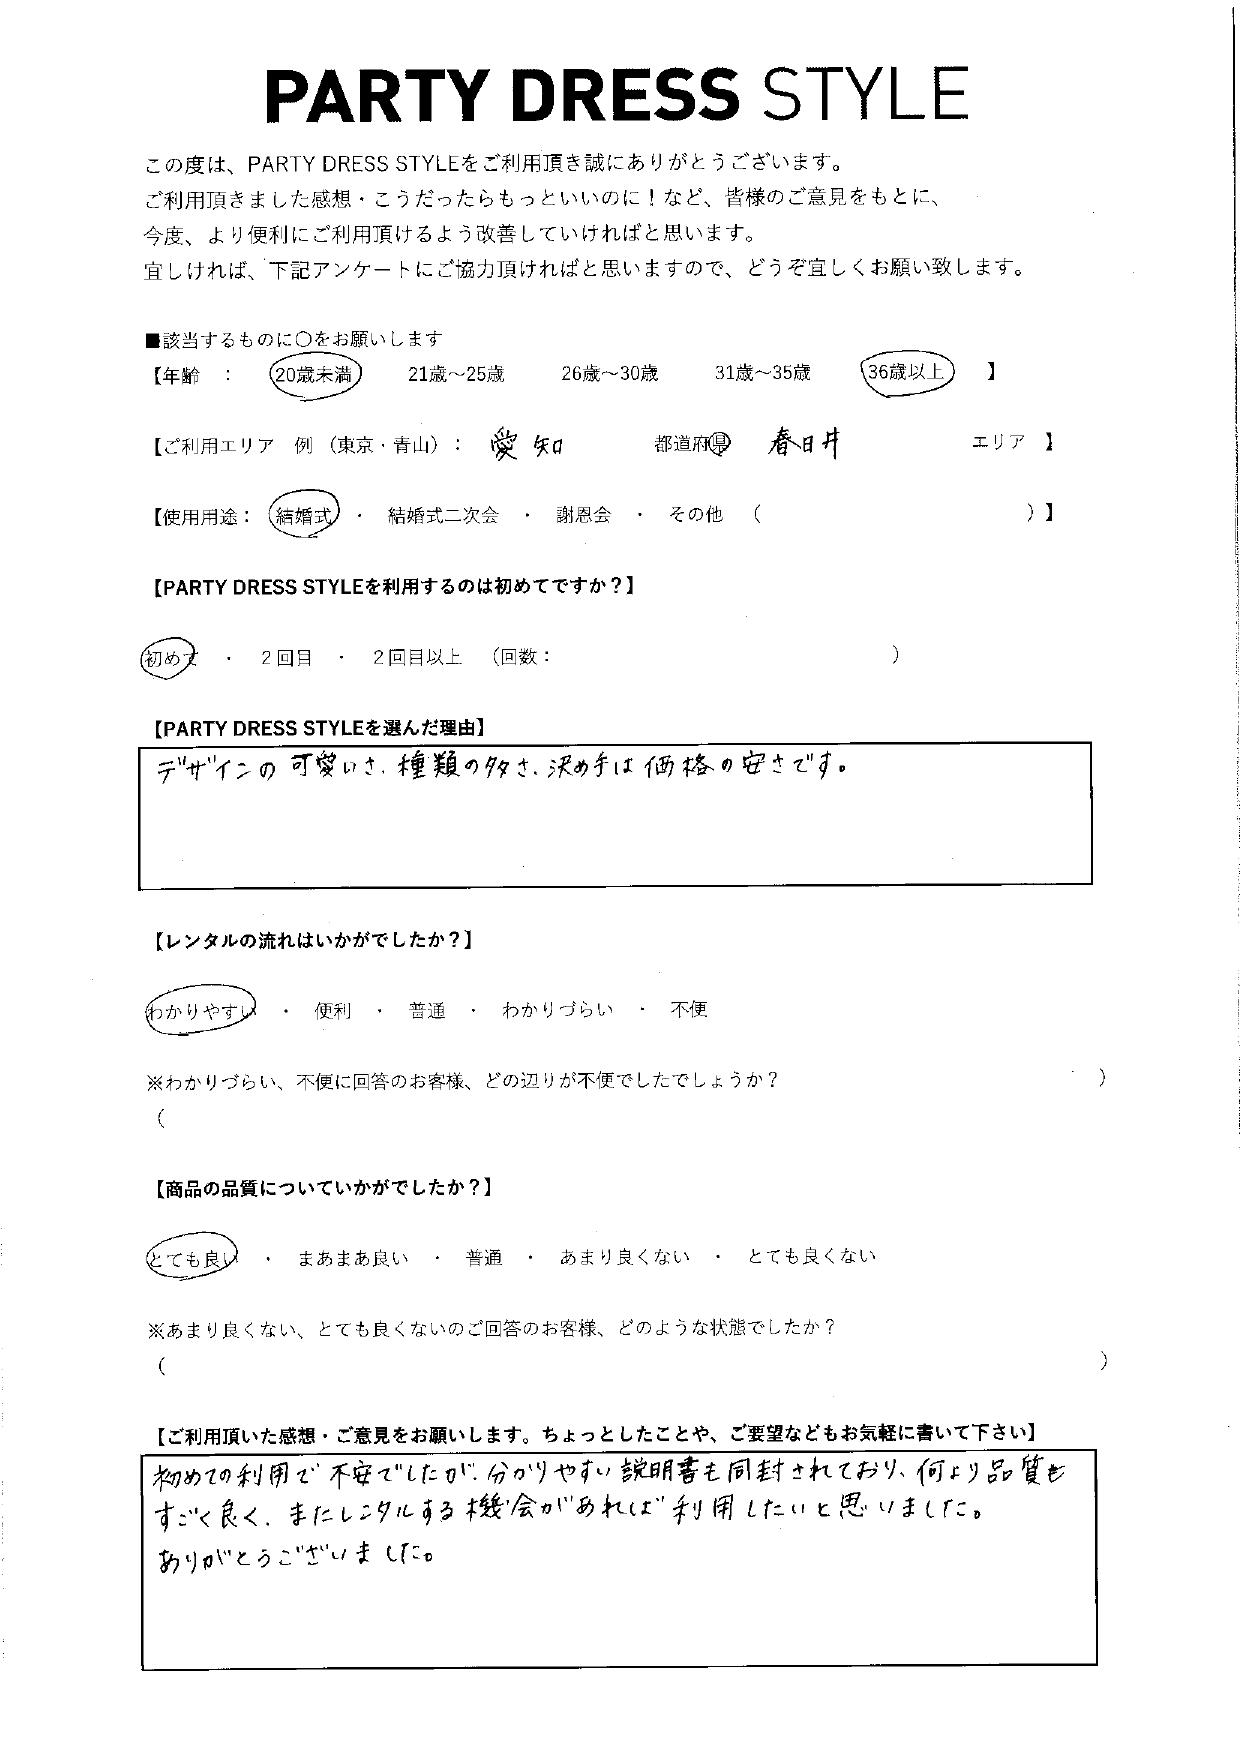 12/20結婚式ご利用 愛知・春日井エリア